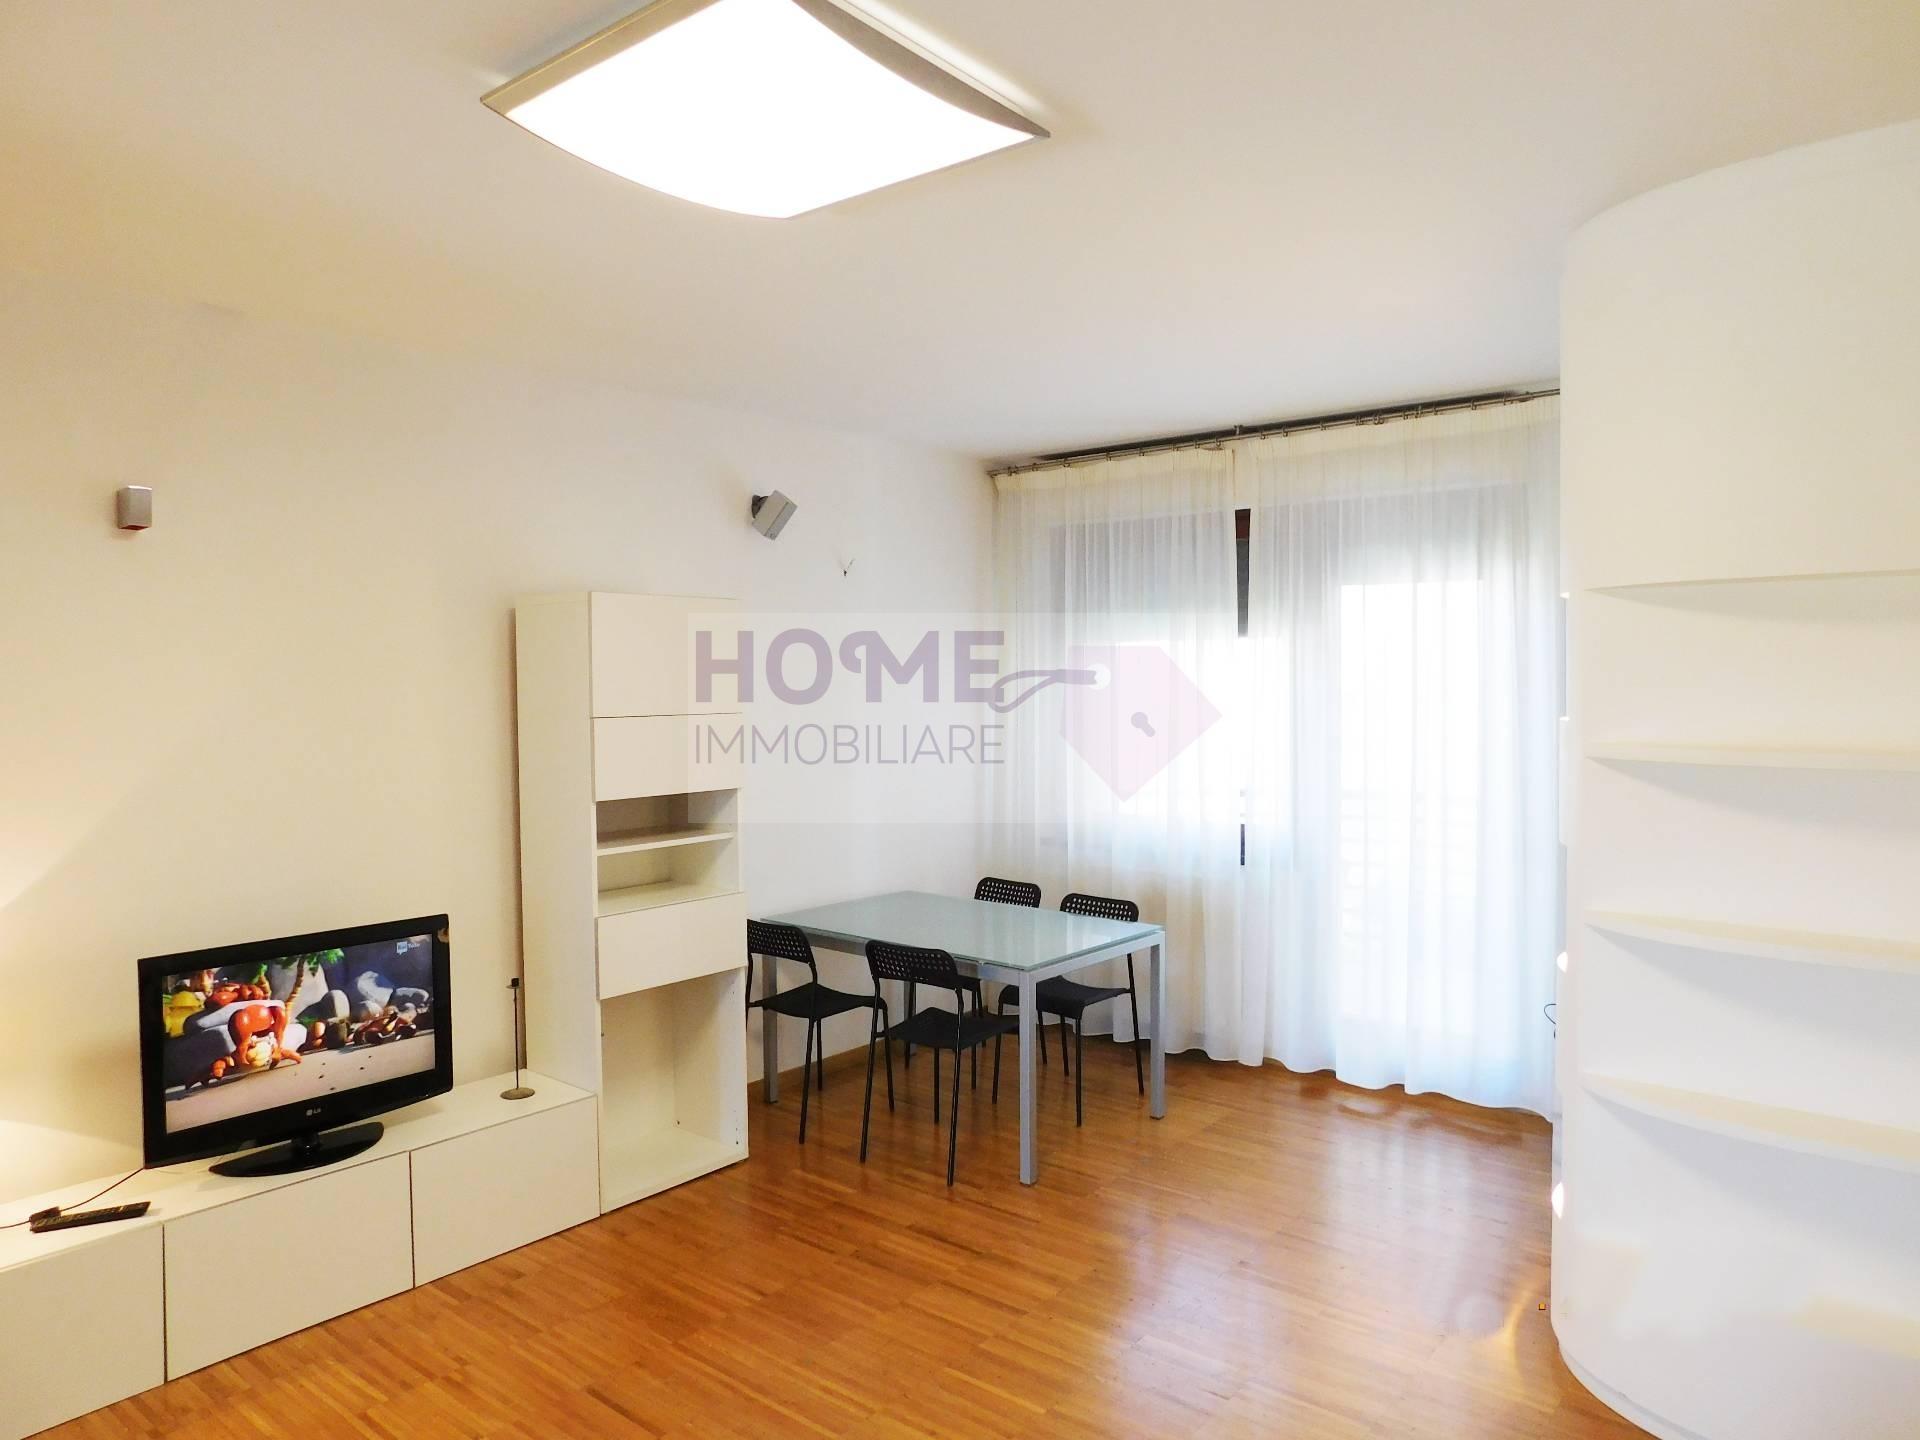 macerata vendita quart: semicentrale home-immobiliare-srl